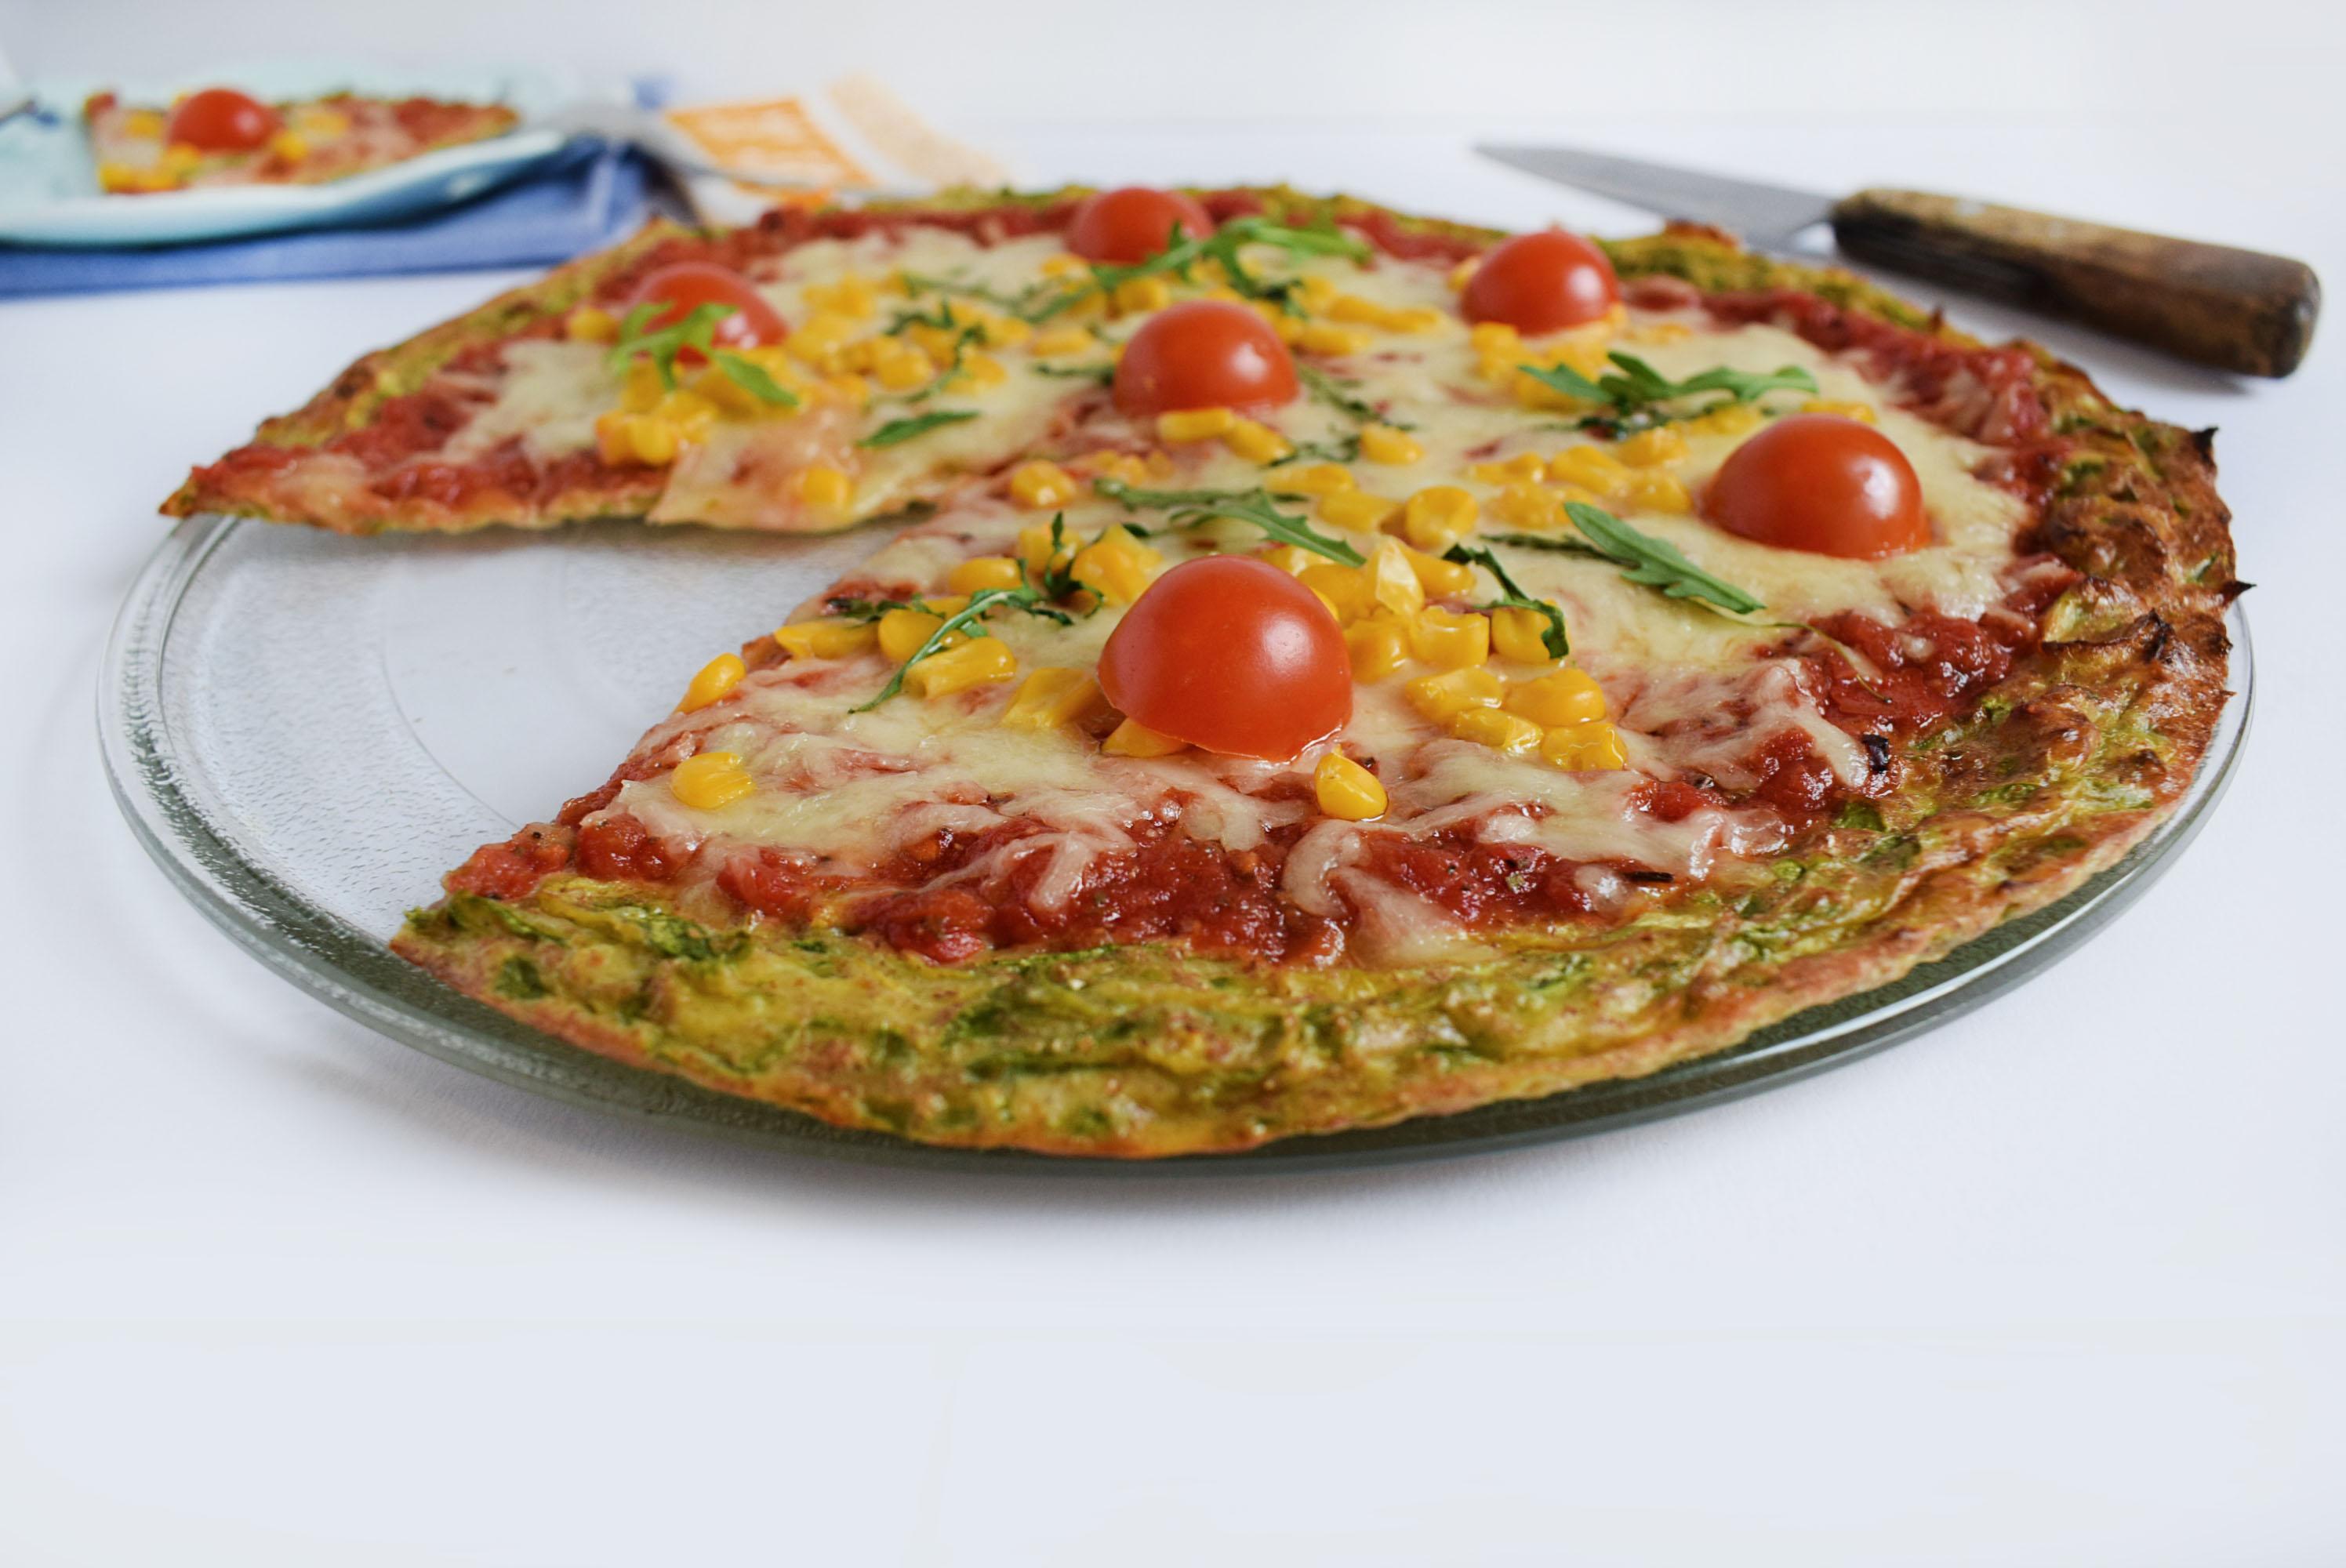 pizza cu crusta de dovlecei 4 - foodieopedia